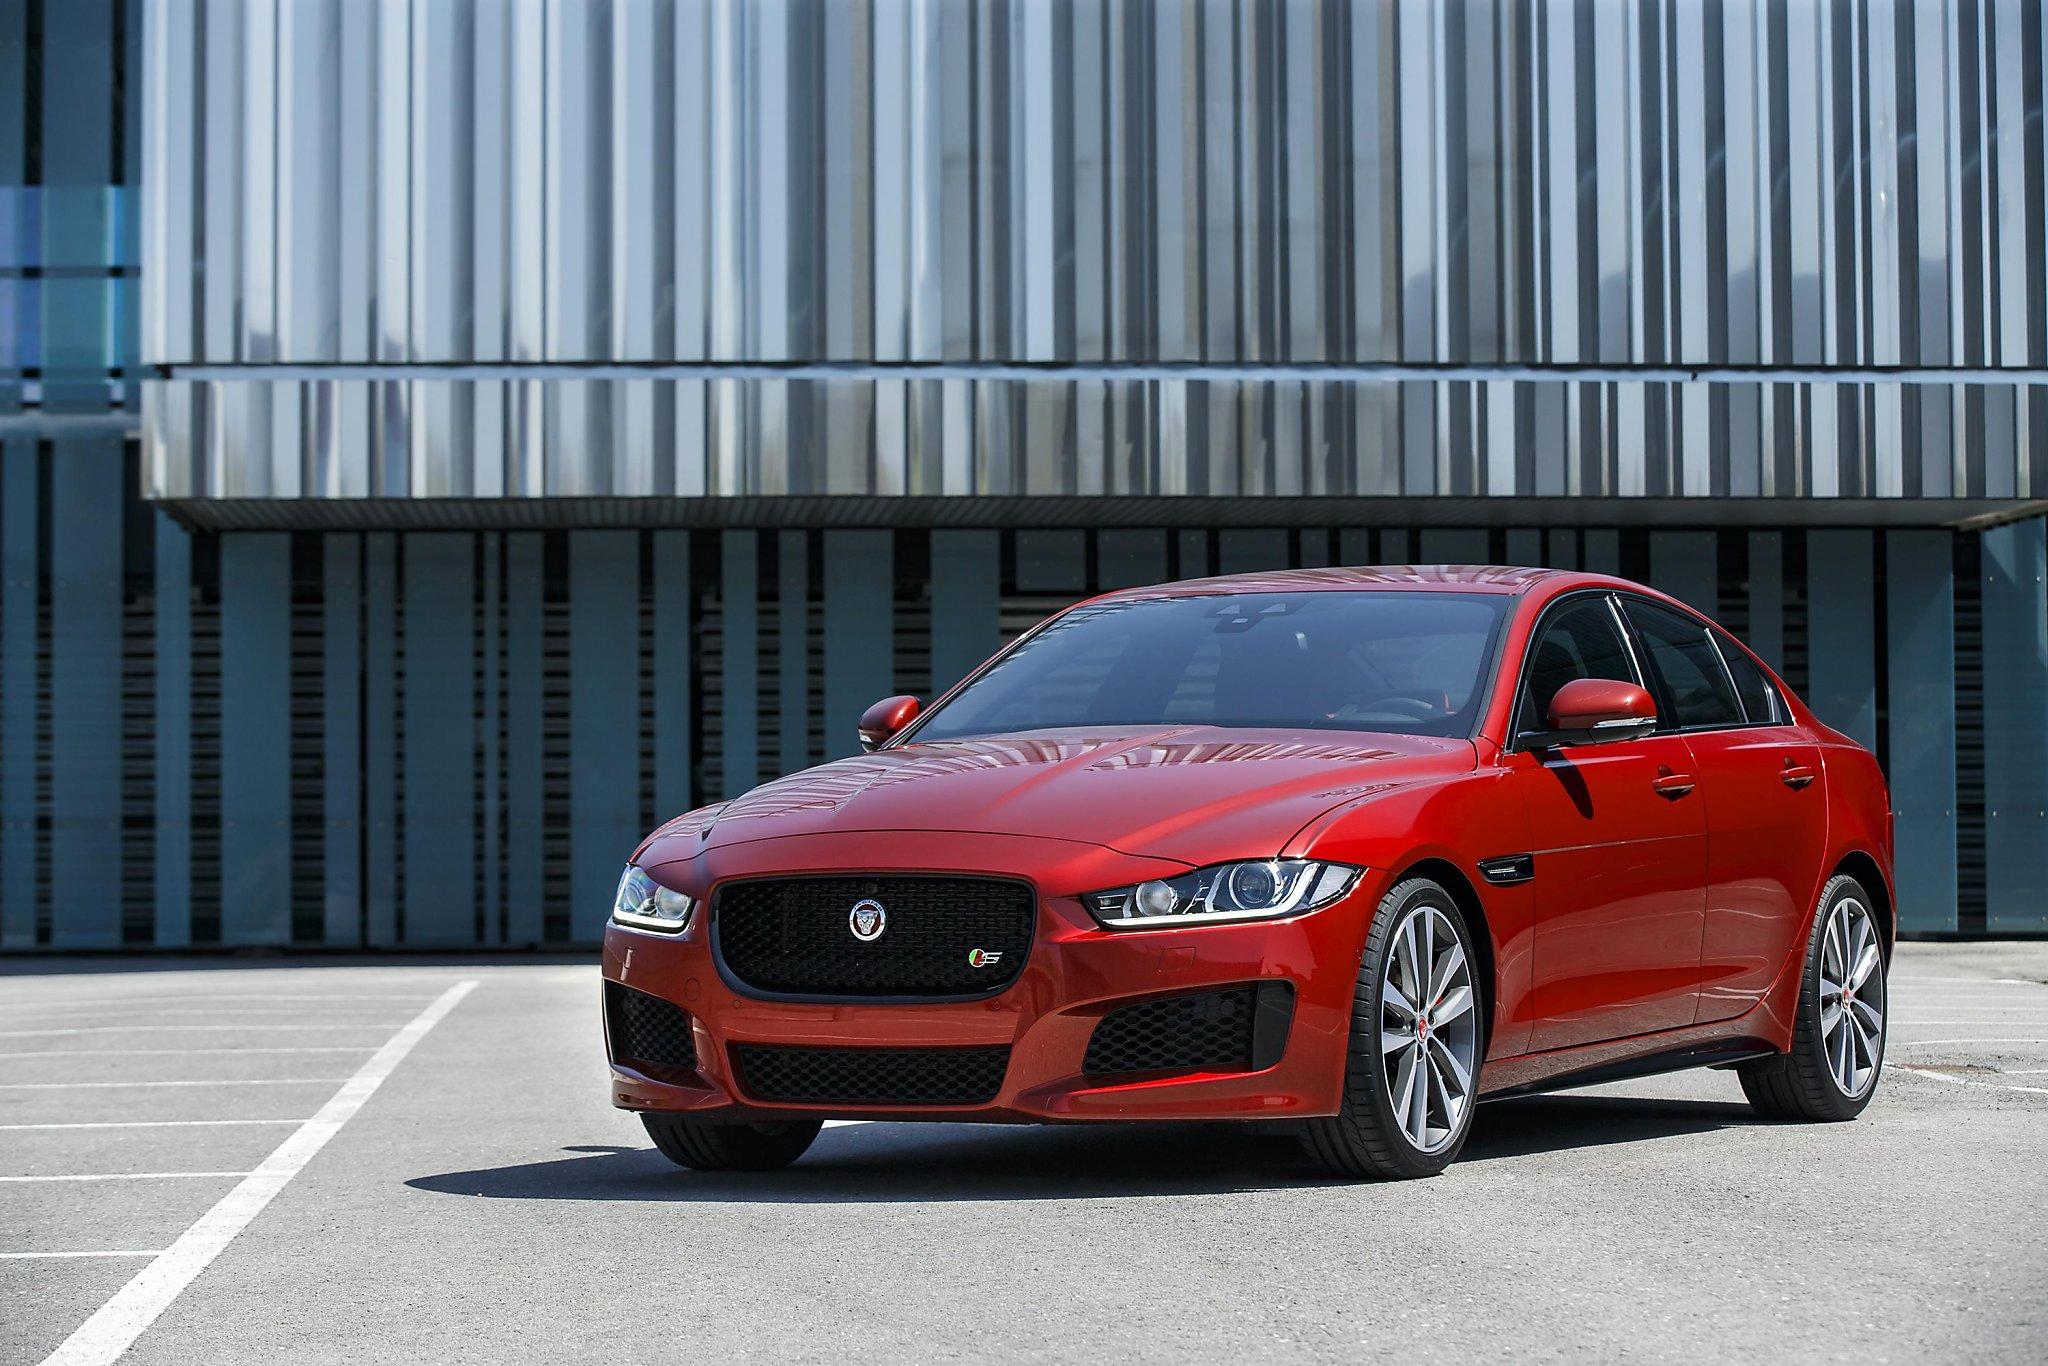 A host of choices expand Jaguar lineup